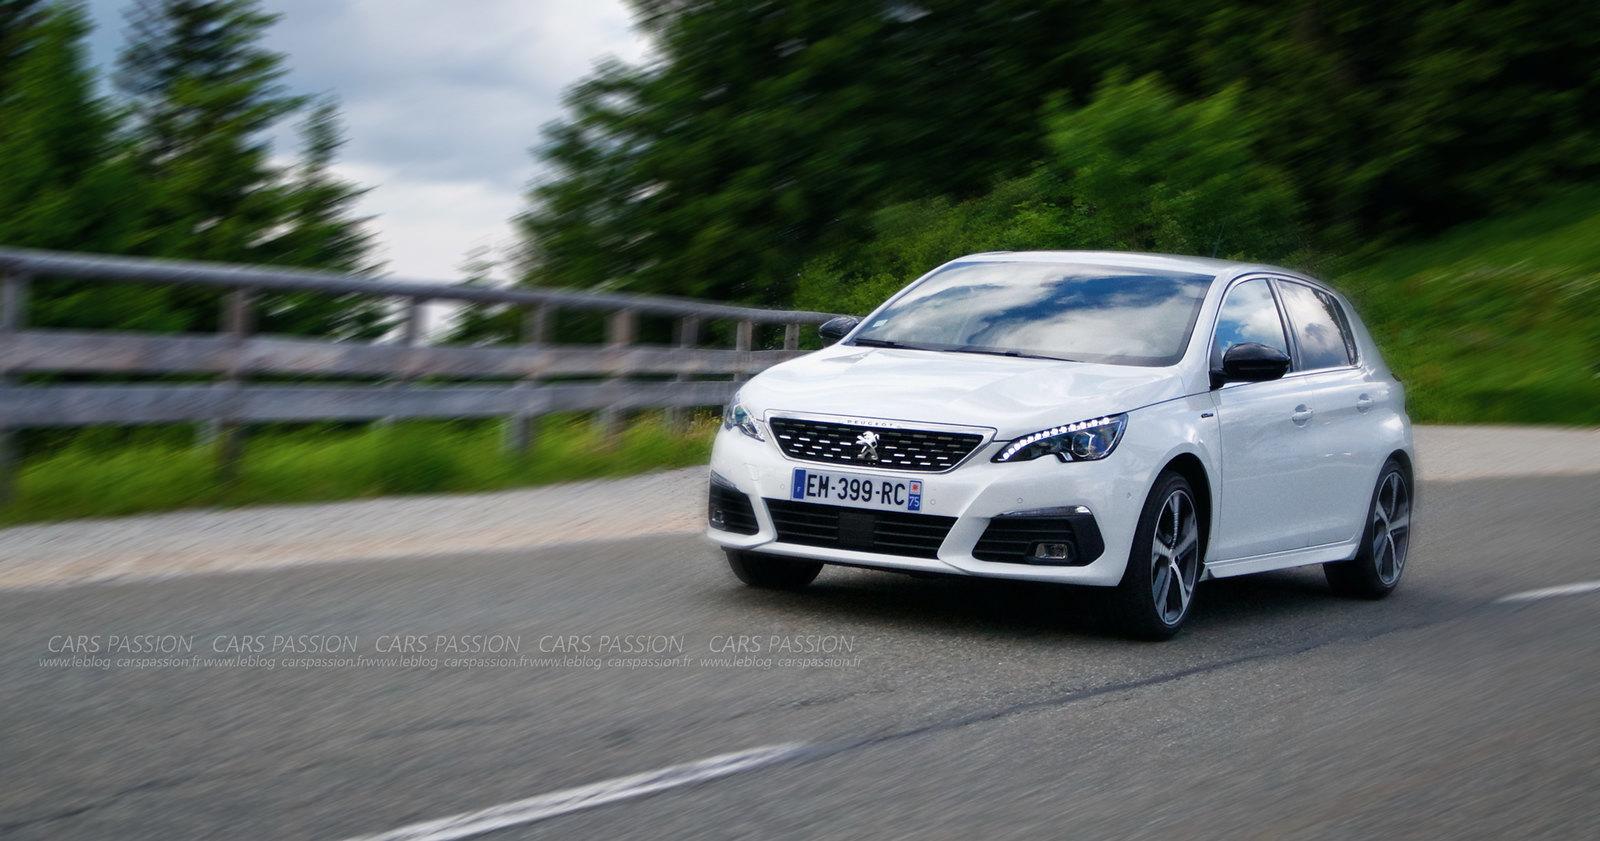 Essai nouvelle Peugeot 308 Gt line